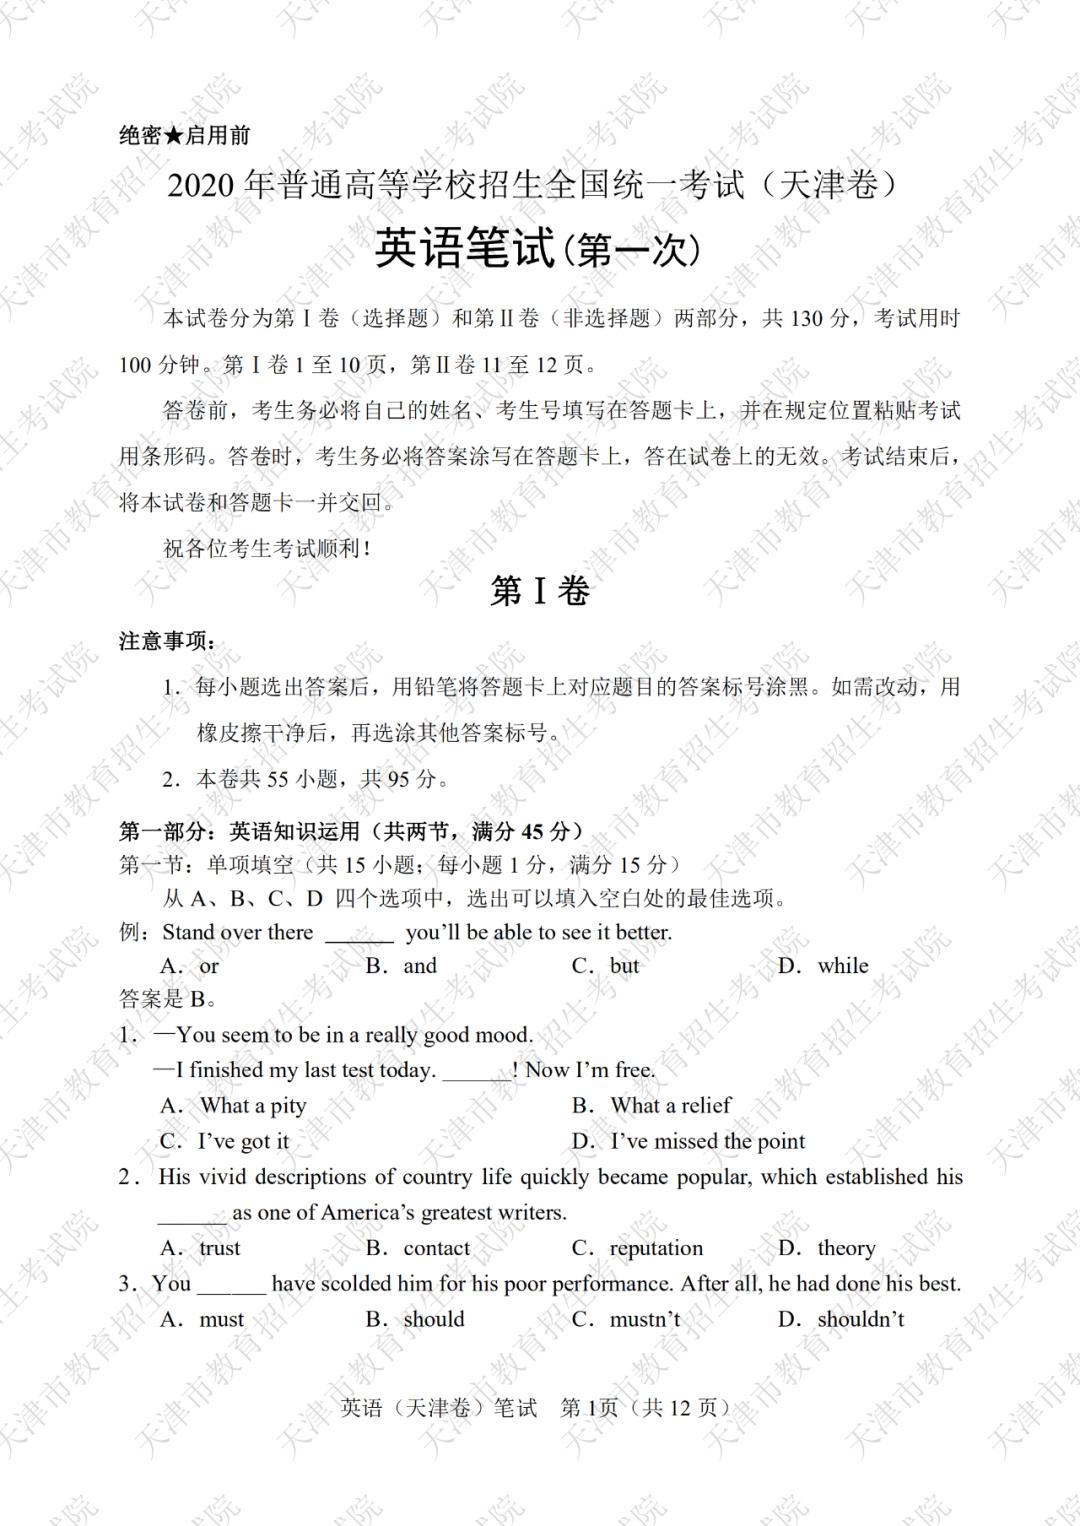 2020年天津高考英语科目第一次考试试卷及答案公布